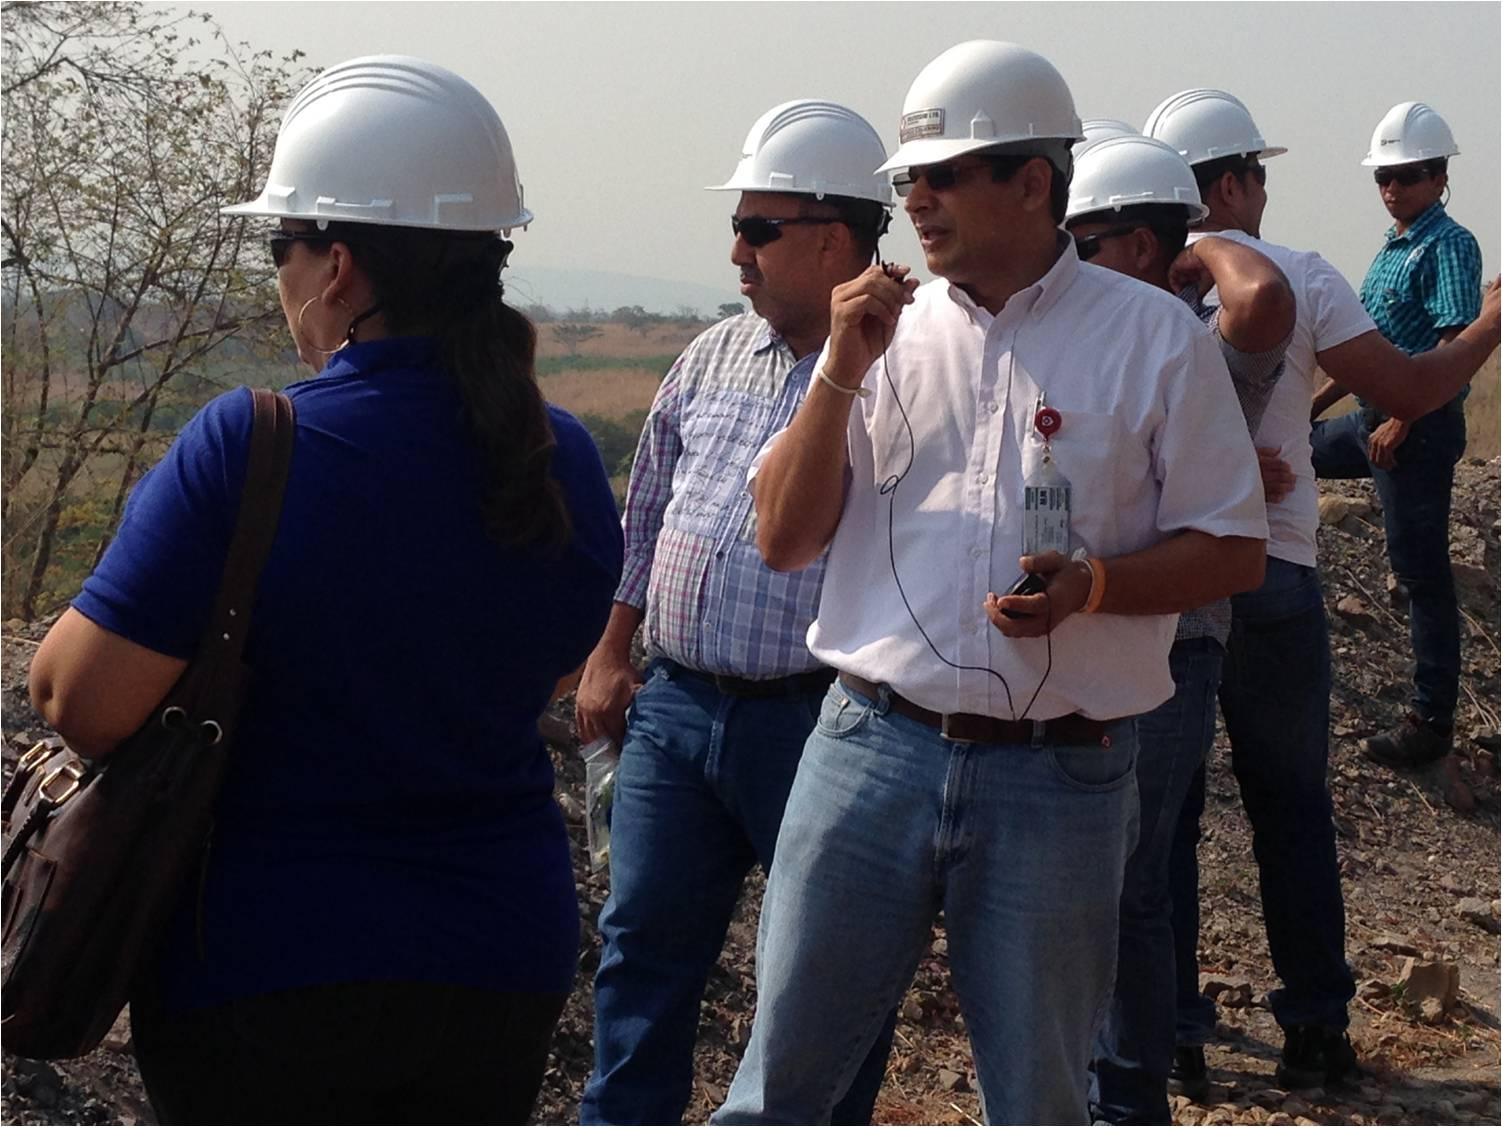 Armando Calvano, Director del Área de Compensación Ambiental, explica a los funcionarios las acciones ambientales que implementa Drummond Ltd.